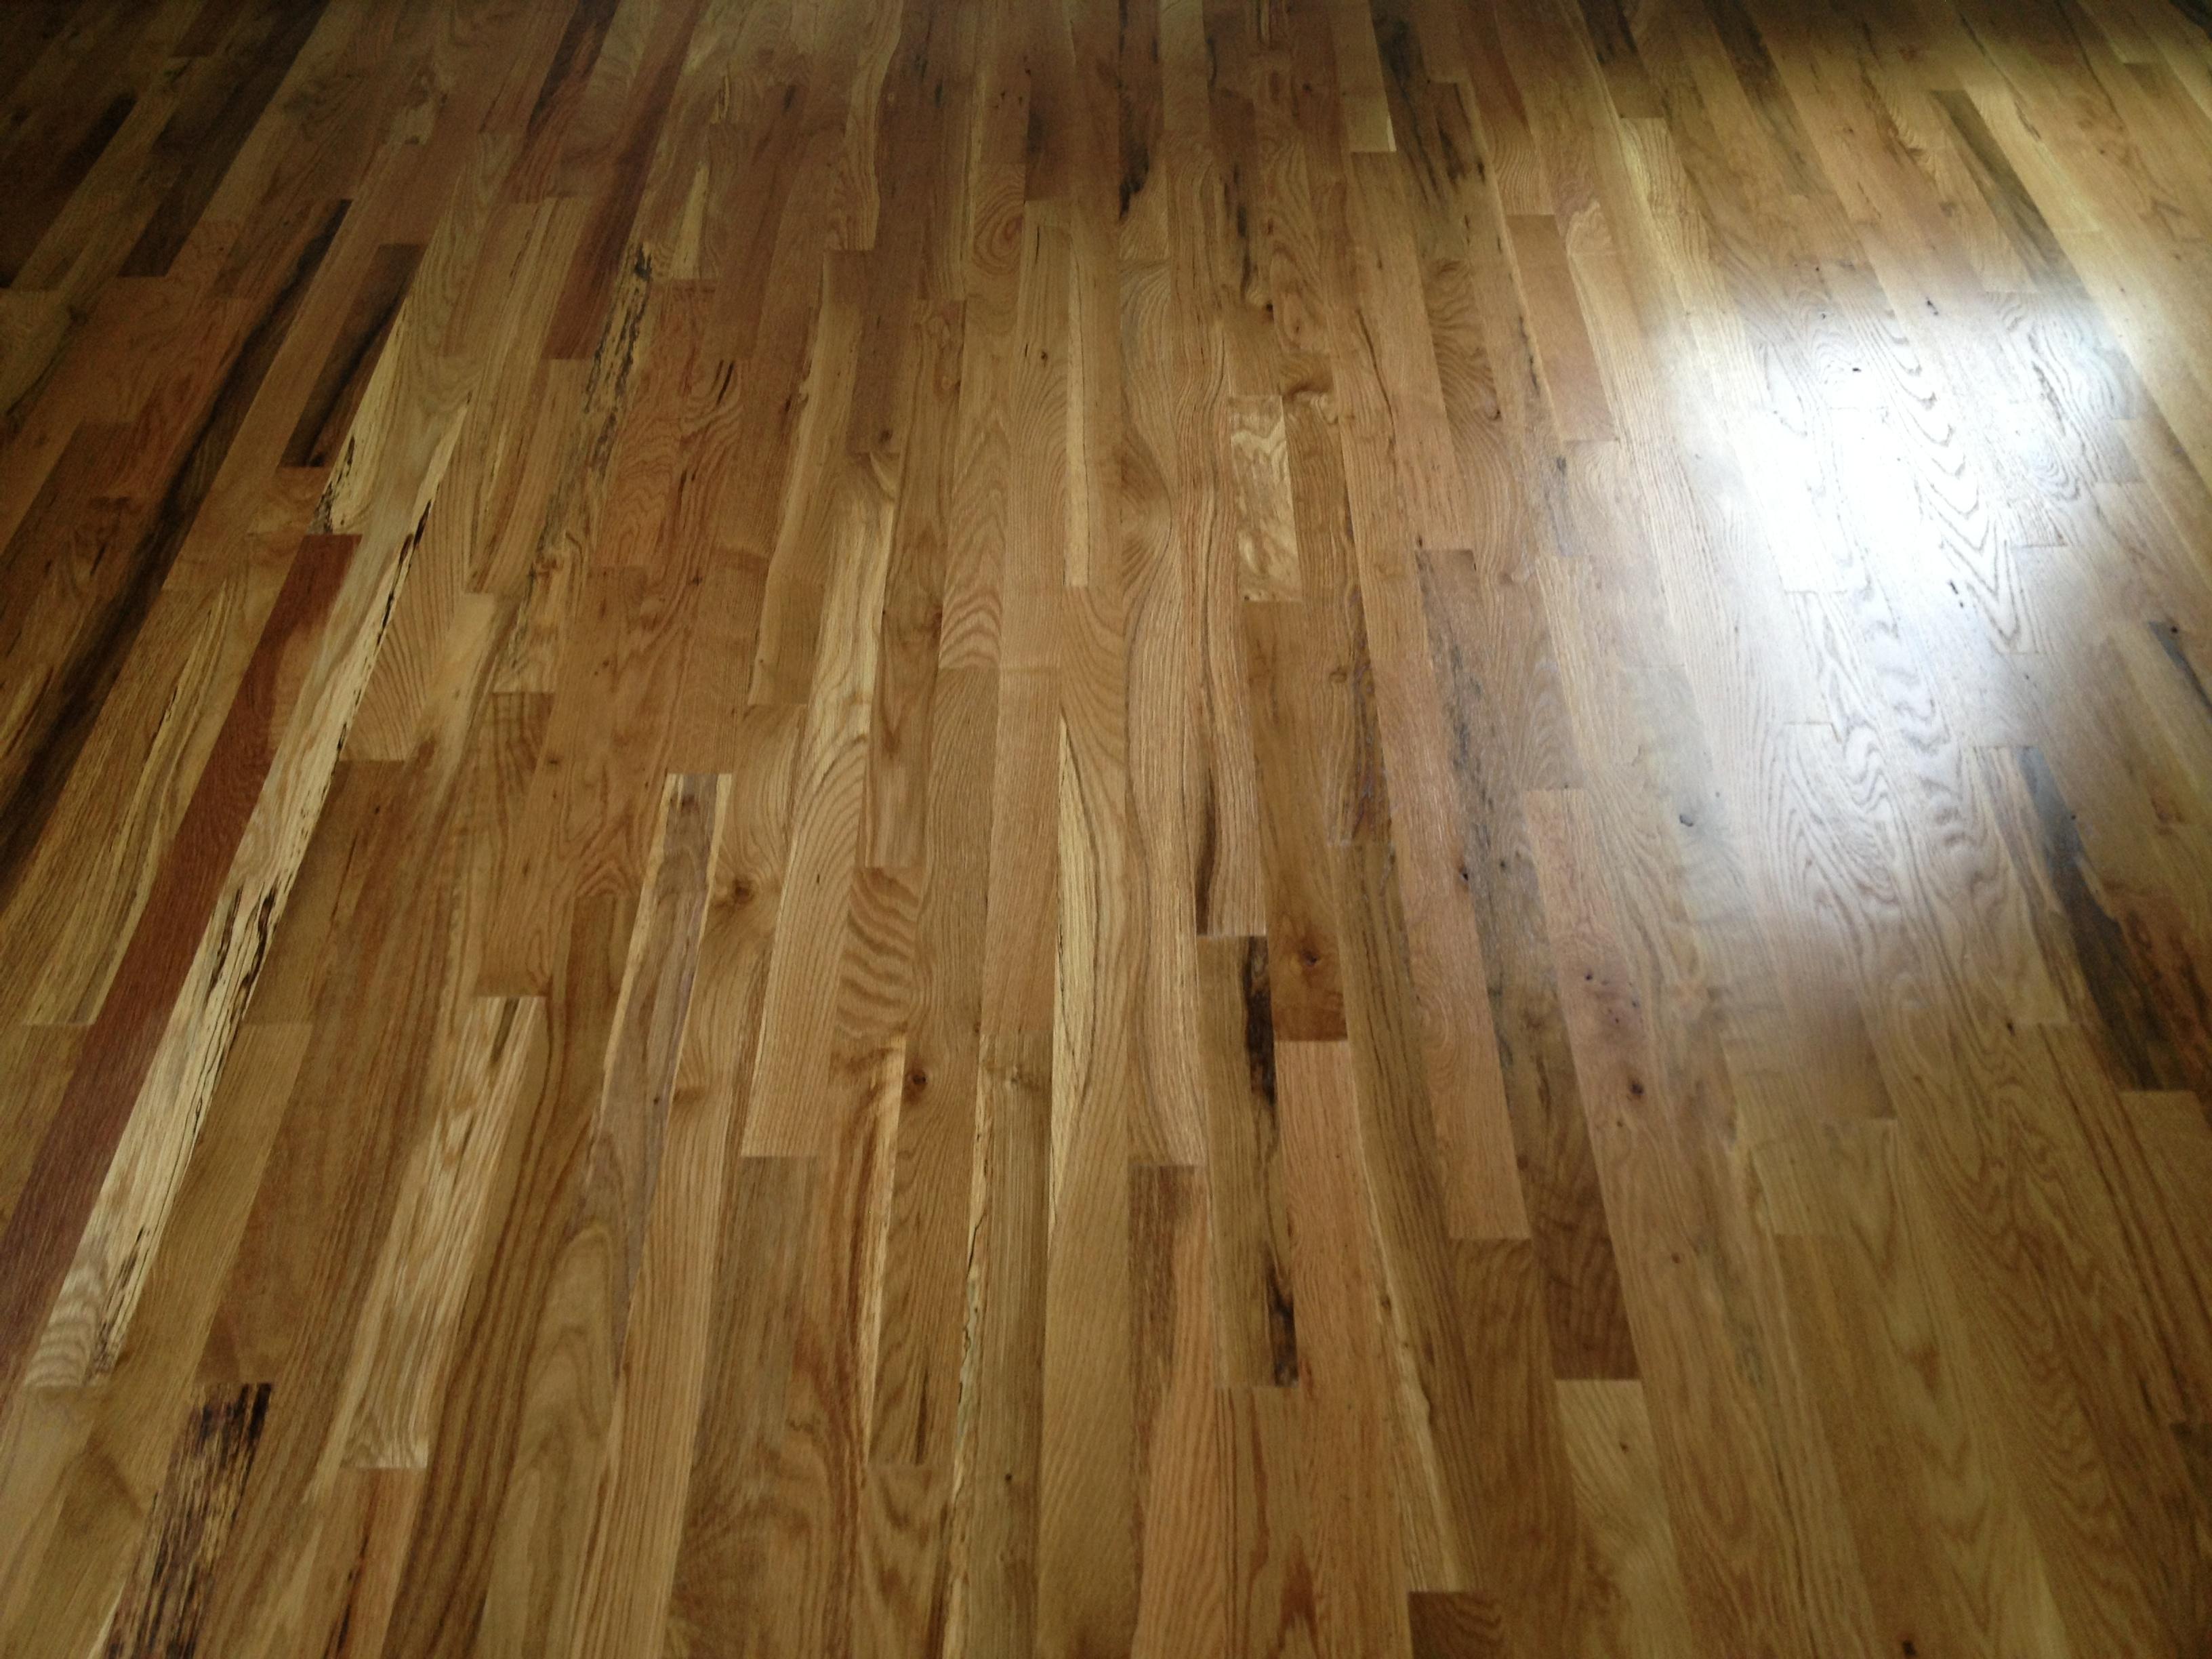 Semi Gloss Vs Satin Hardwood Floors Madison Art Center